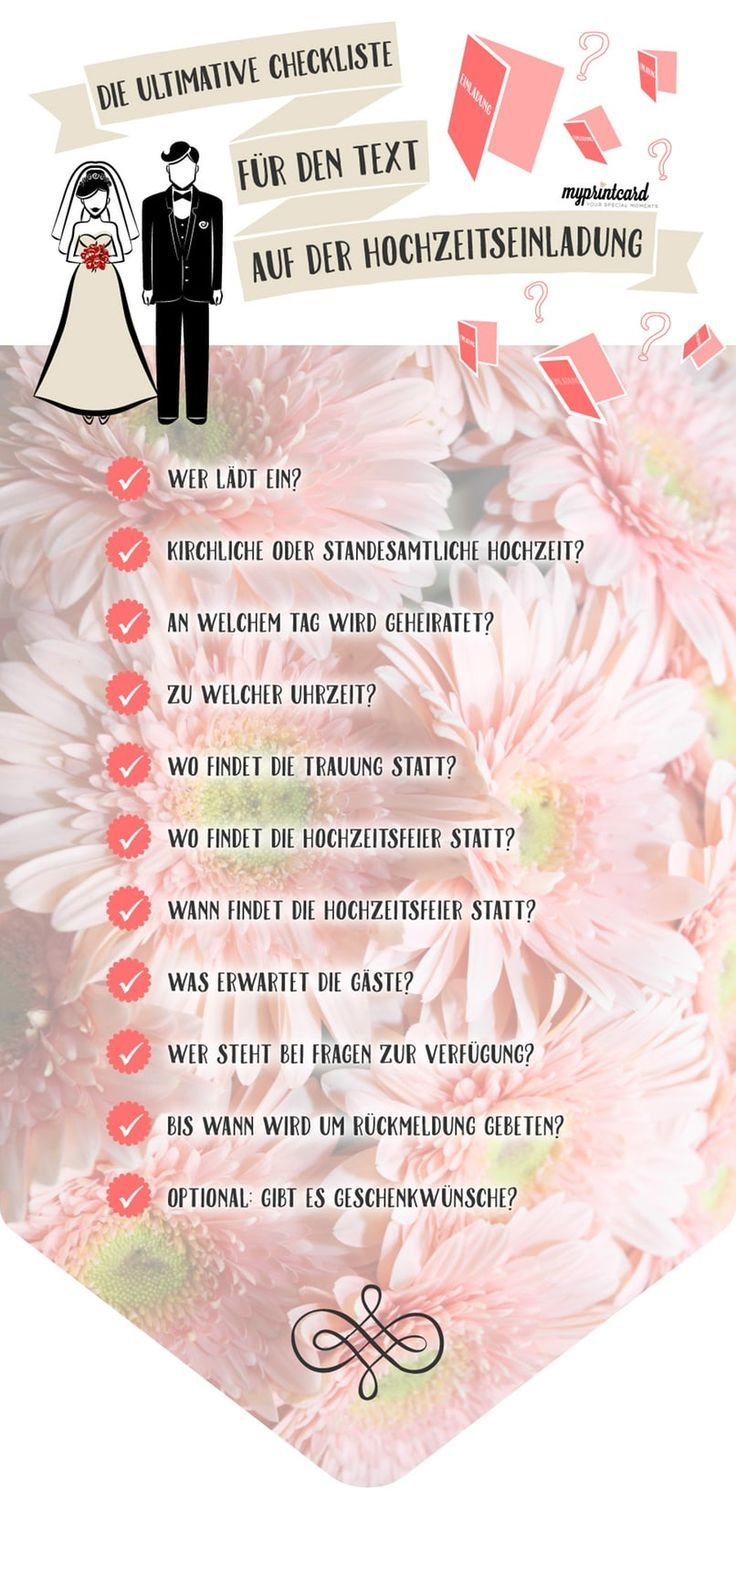 Die Checkliste für den Text auf der Hochzeitseinladung – freetime – Trends